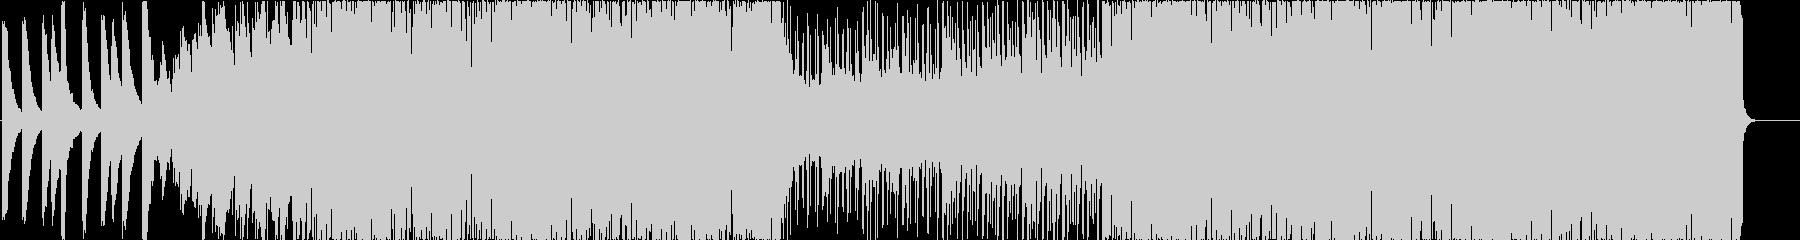 幻想的、神秘的、なイメージ ピアノメインの未再生の波形